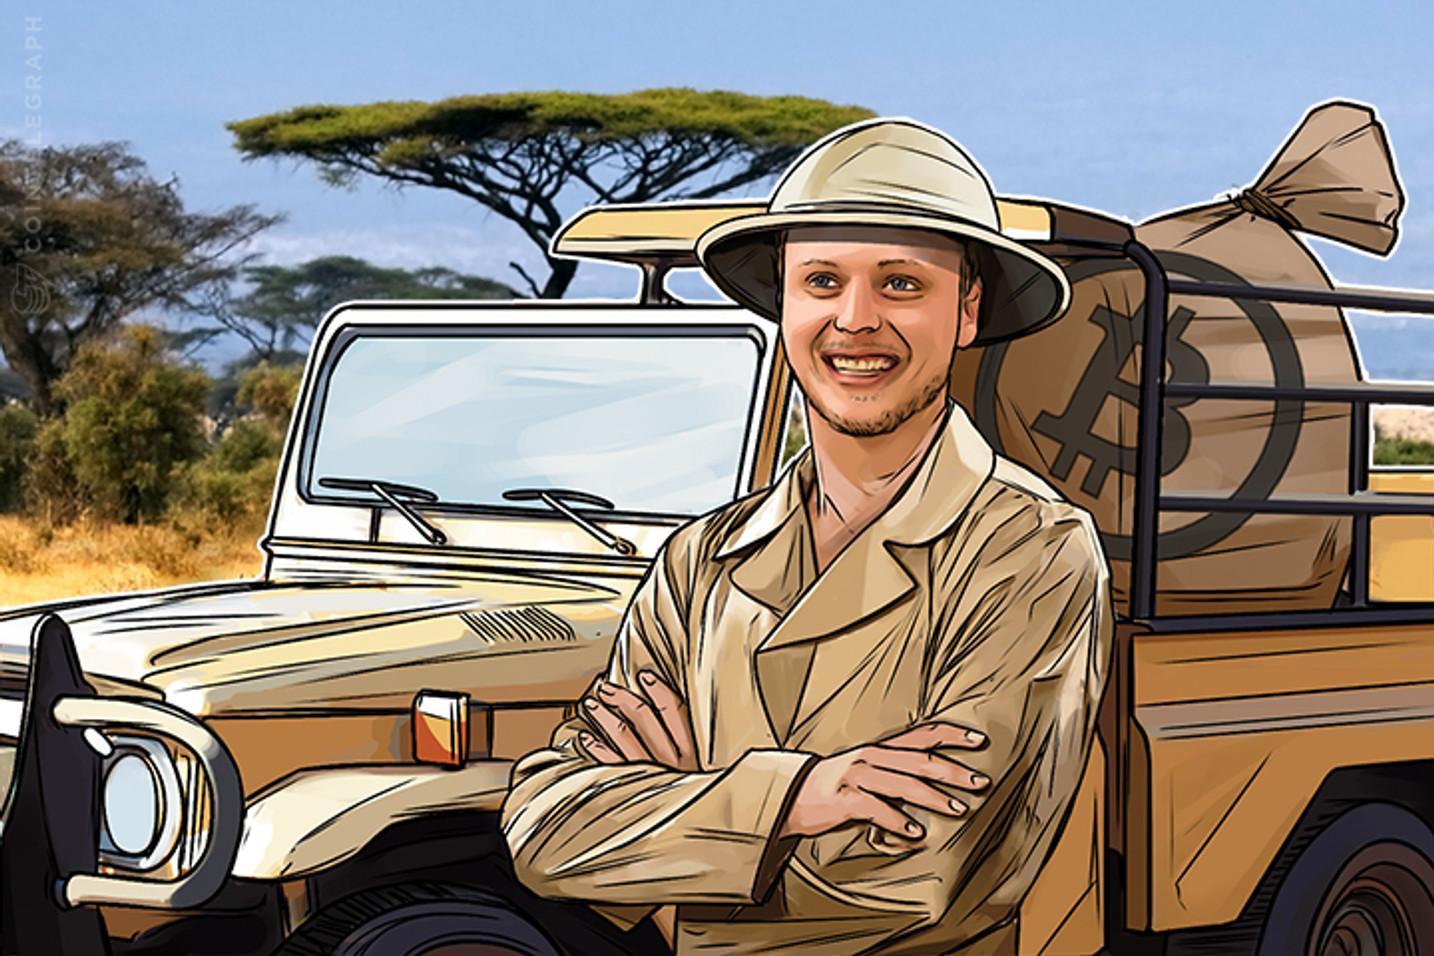 Millonario de Bitcoin de 25 años viaja por el mundo, se convierte en impulsor de Bitcoin